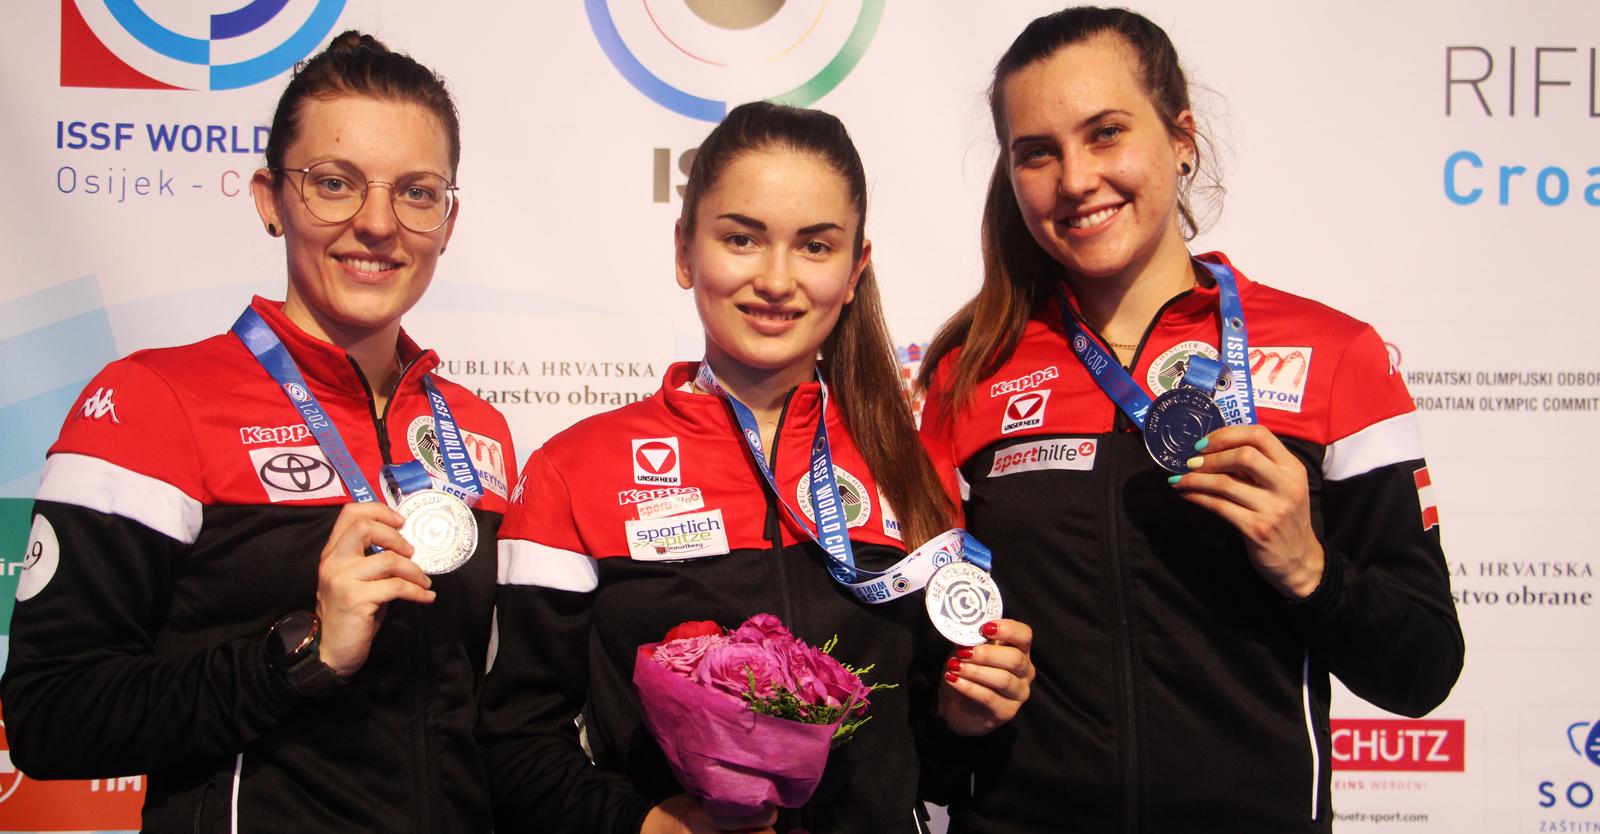 Österreichs Frauenmannschaft Hofmann, Köck und Waibel schoss sich im KK-Dreistellungsmatch-Teambewerb sensationell auf den zweiten Platz © Margit Melmer, ÖSB